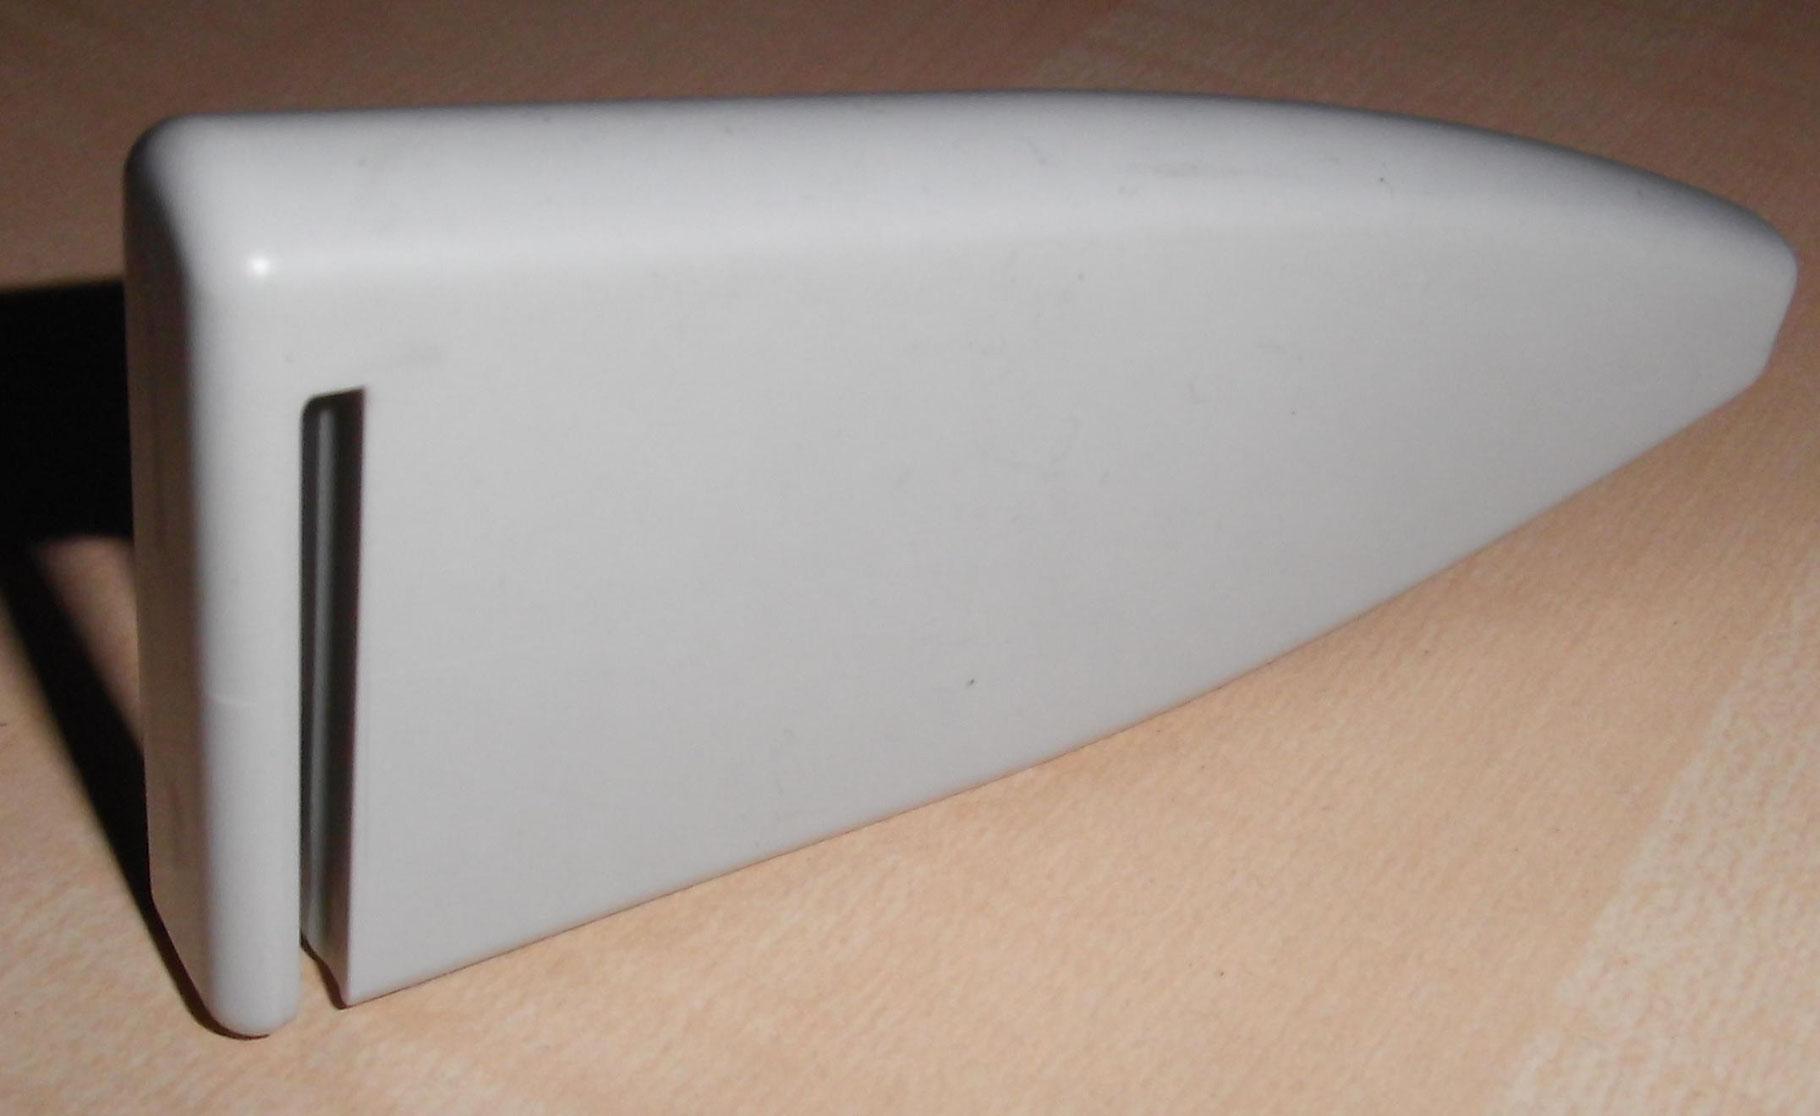 Kühlschrank Tür Verbinder : Adapter verbinder für kältemitteldosen r von intelectra